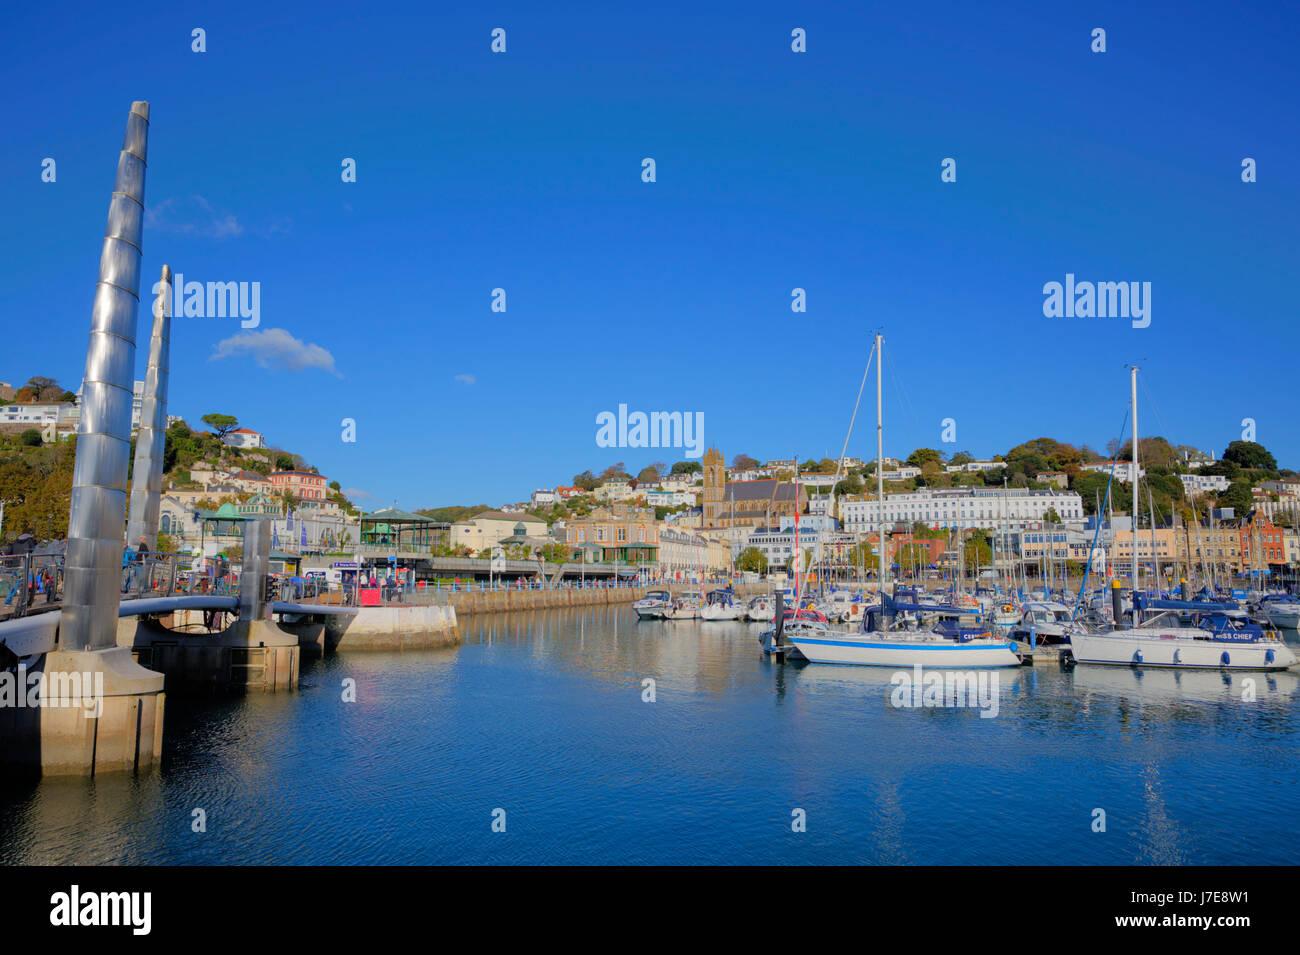 Torquay Devon UK Touristenziel mit Booten blauen Himmel und Meer Stockbild